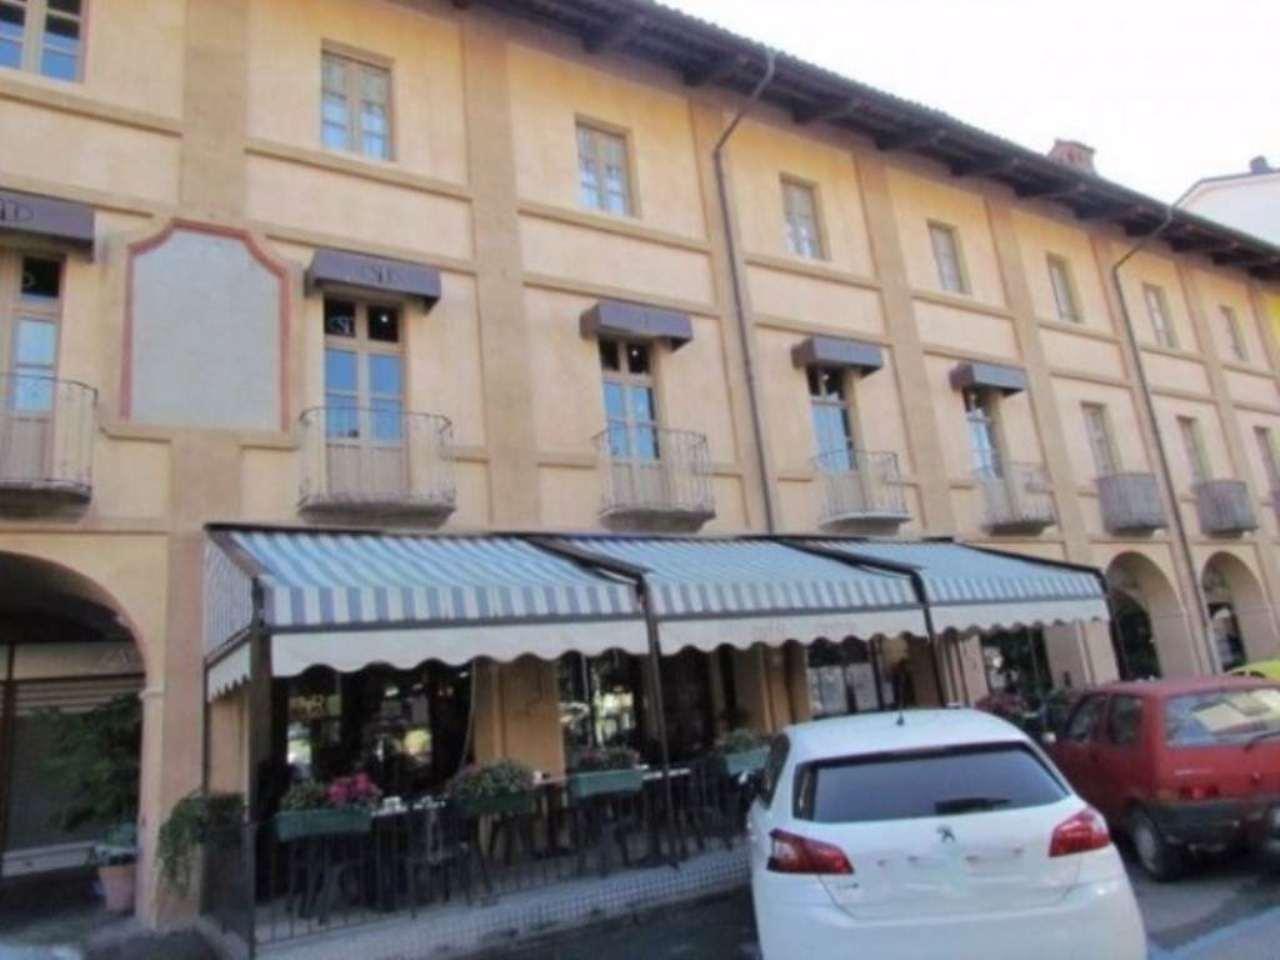 Negozio / Locale in vendita a Savigliano, 5 locali, prezzo € 420.000 | Cambio Casa.it